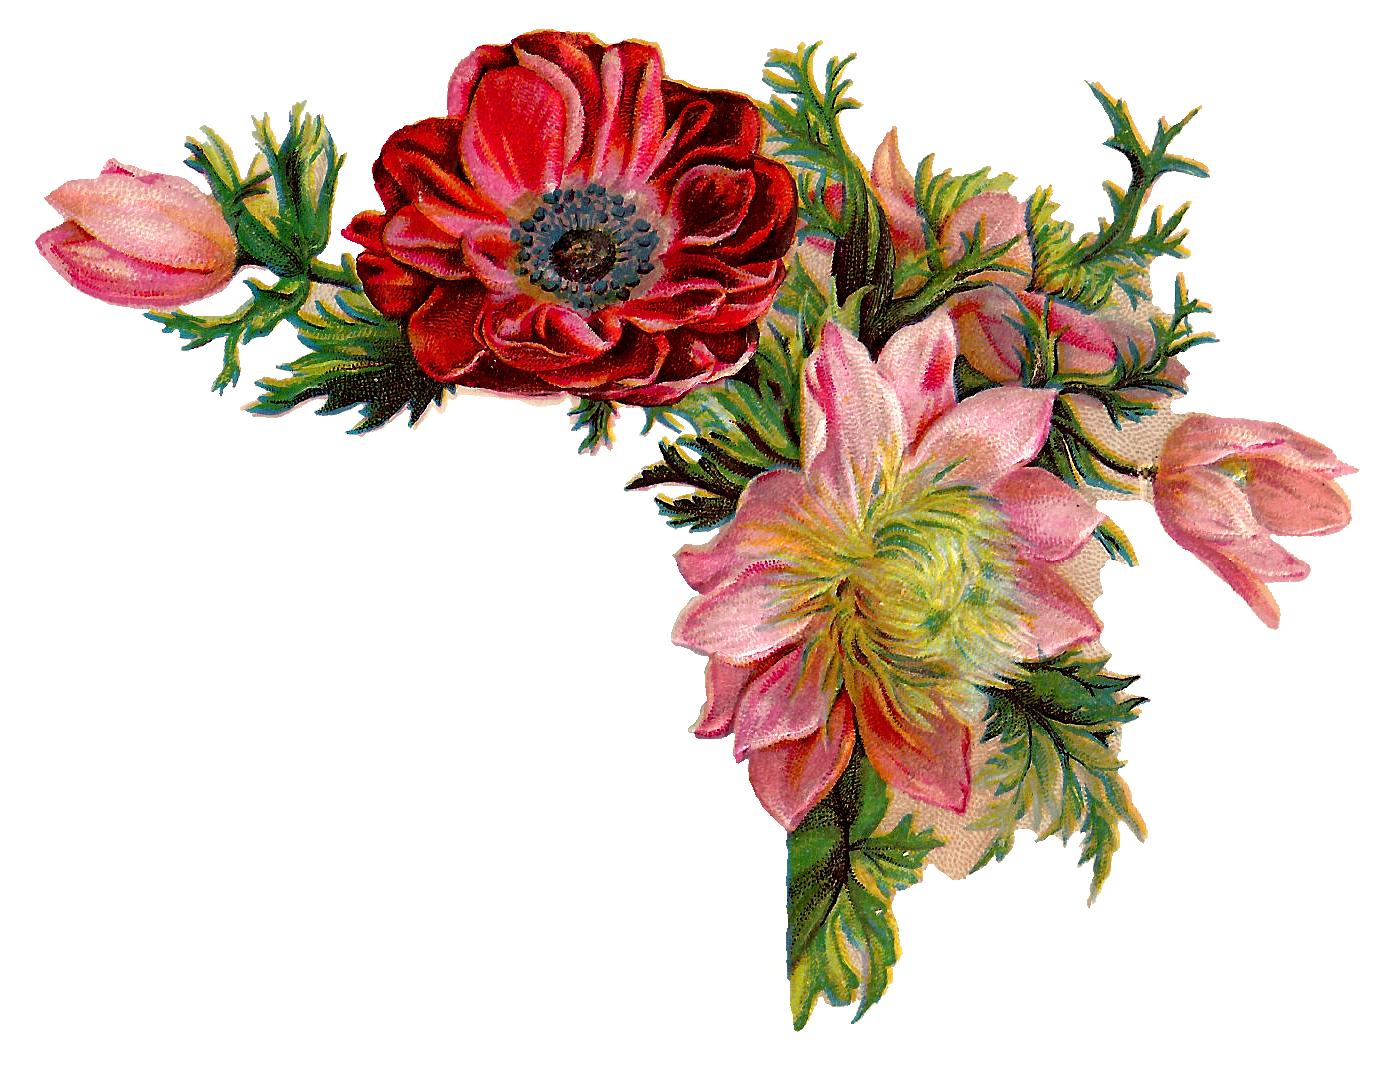 Antique images free digital. Flower vintage png